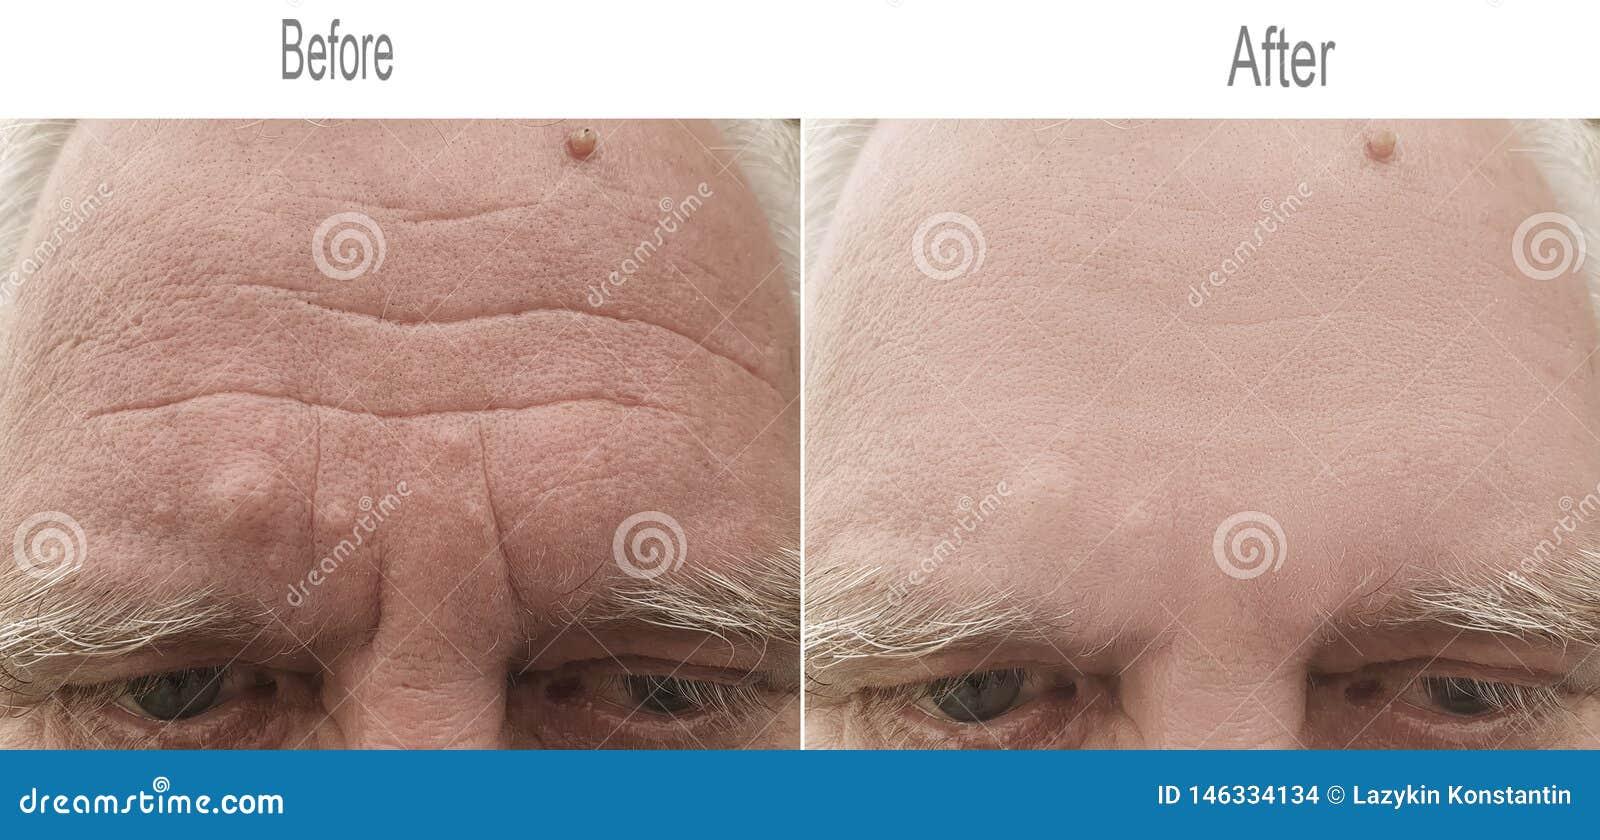 Skrynkla hud, panna, öga som är gammalt, ögonbryn